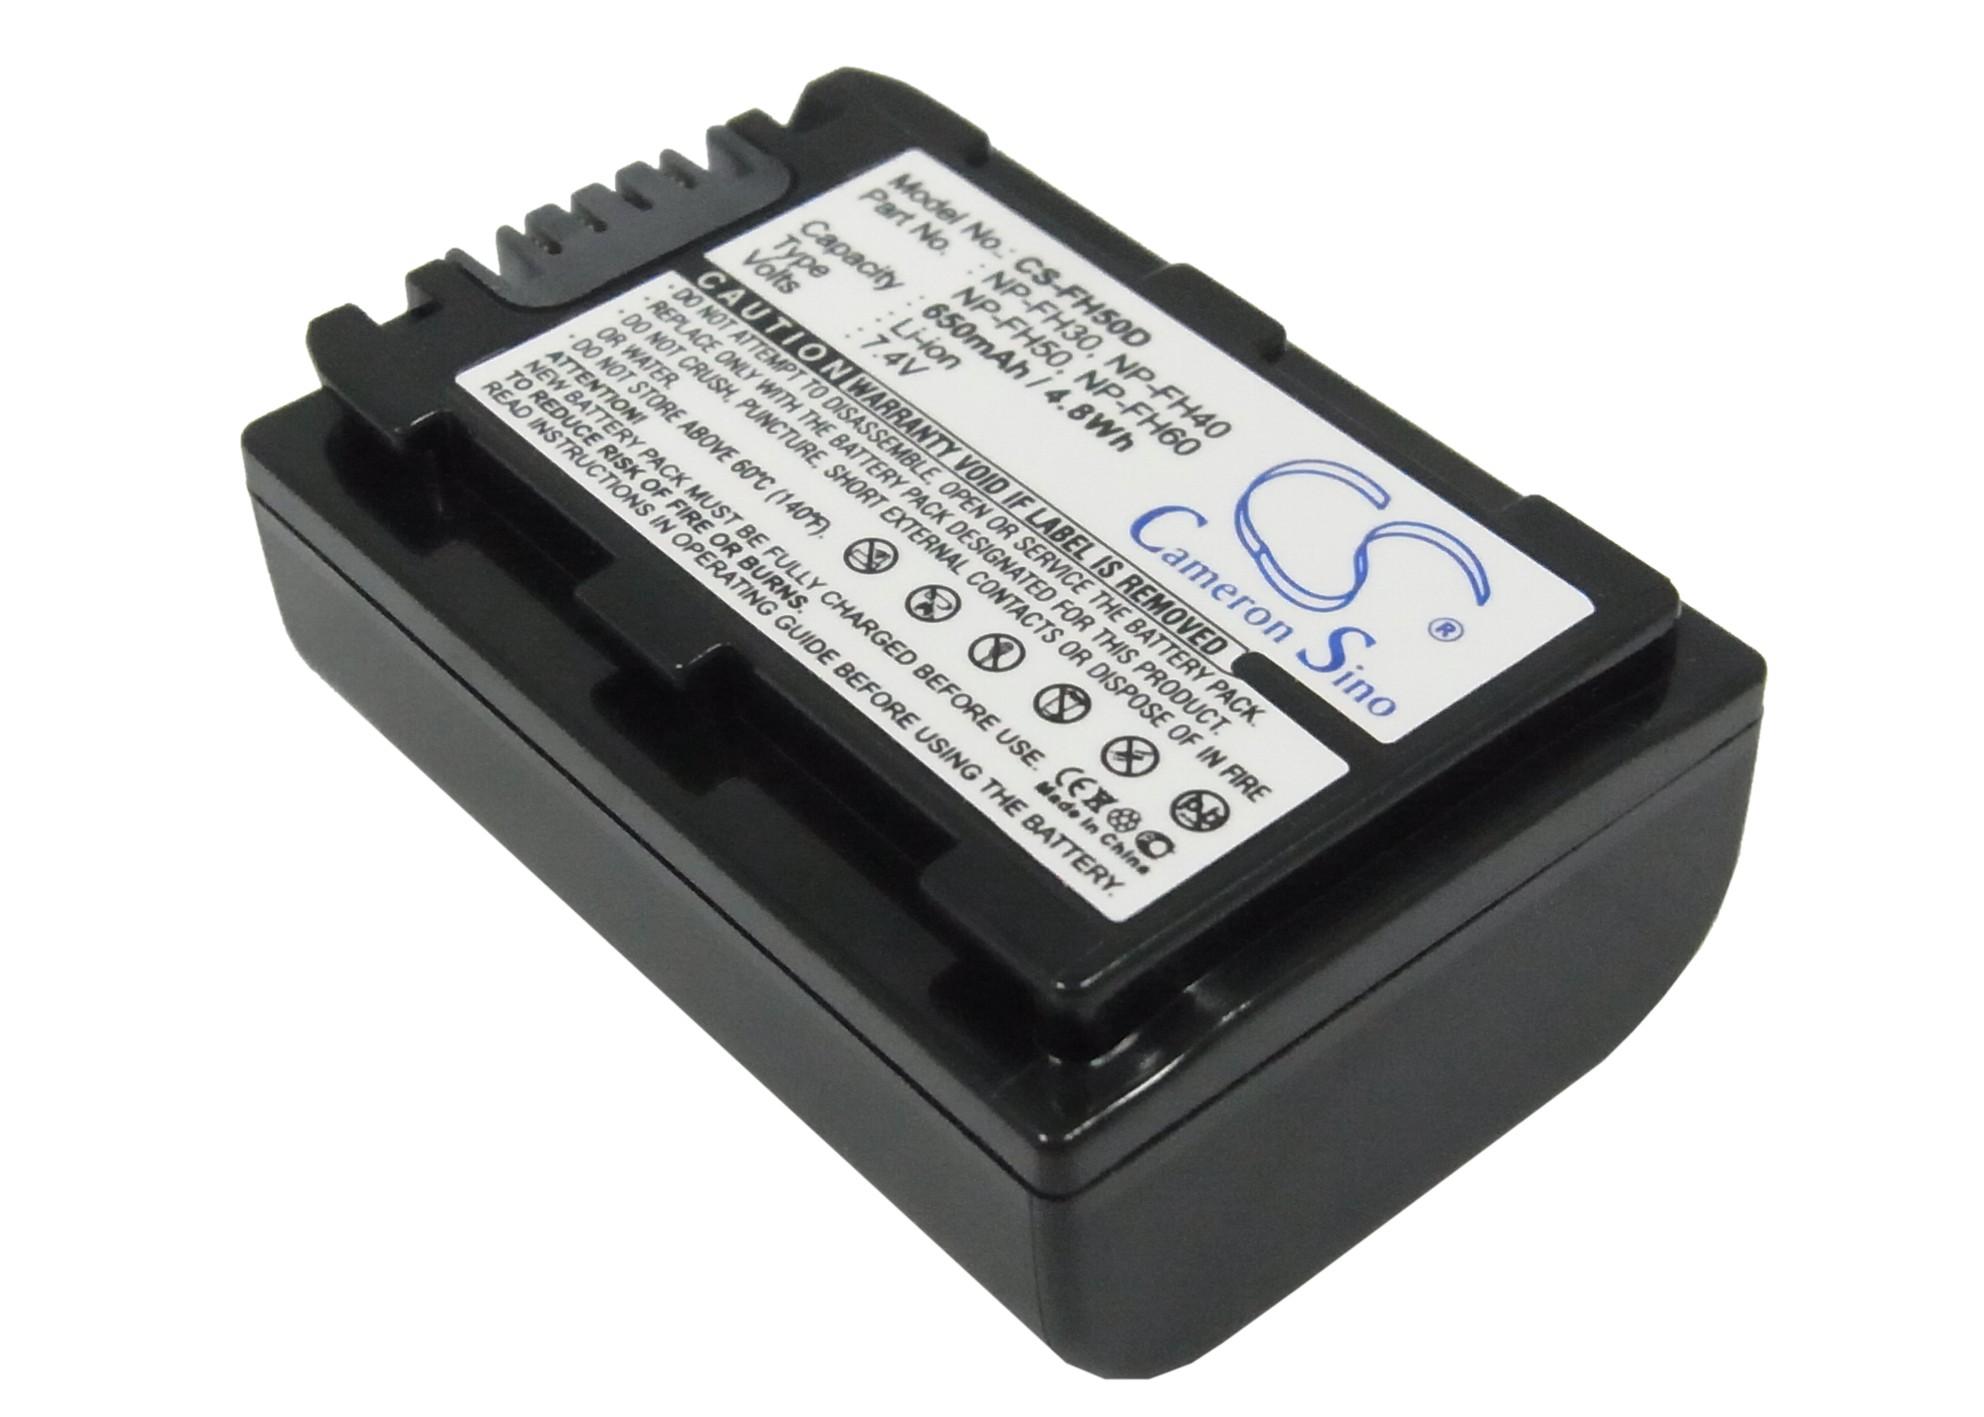 Cameron Sino baterie do kamer a fotoaparátů pro SONY DCR-HC30 7.4V Li-ion 650mAh tmavě šedá - neoriginální